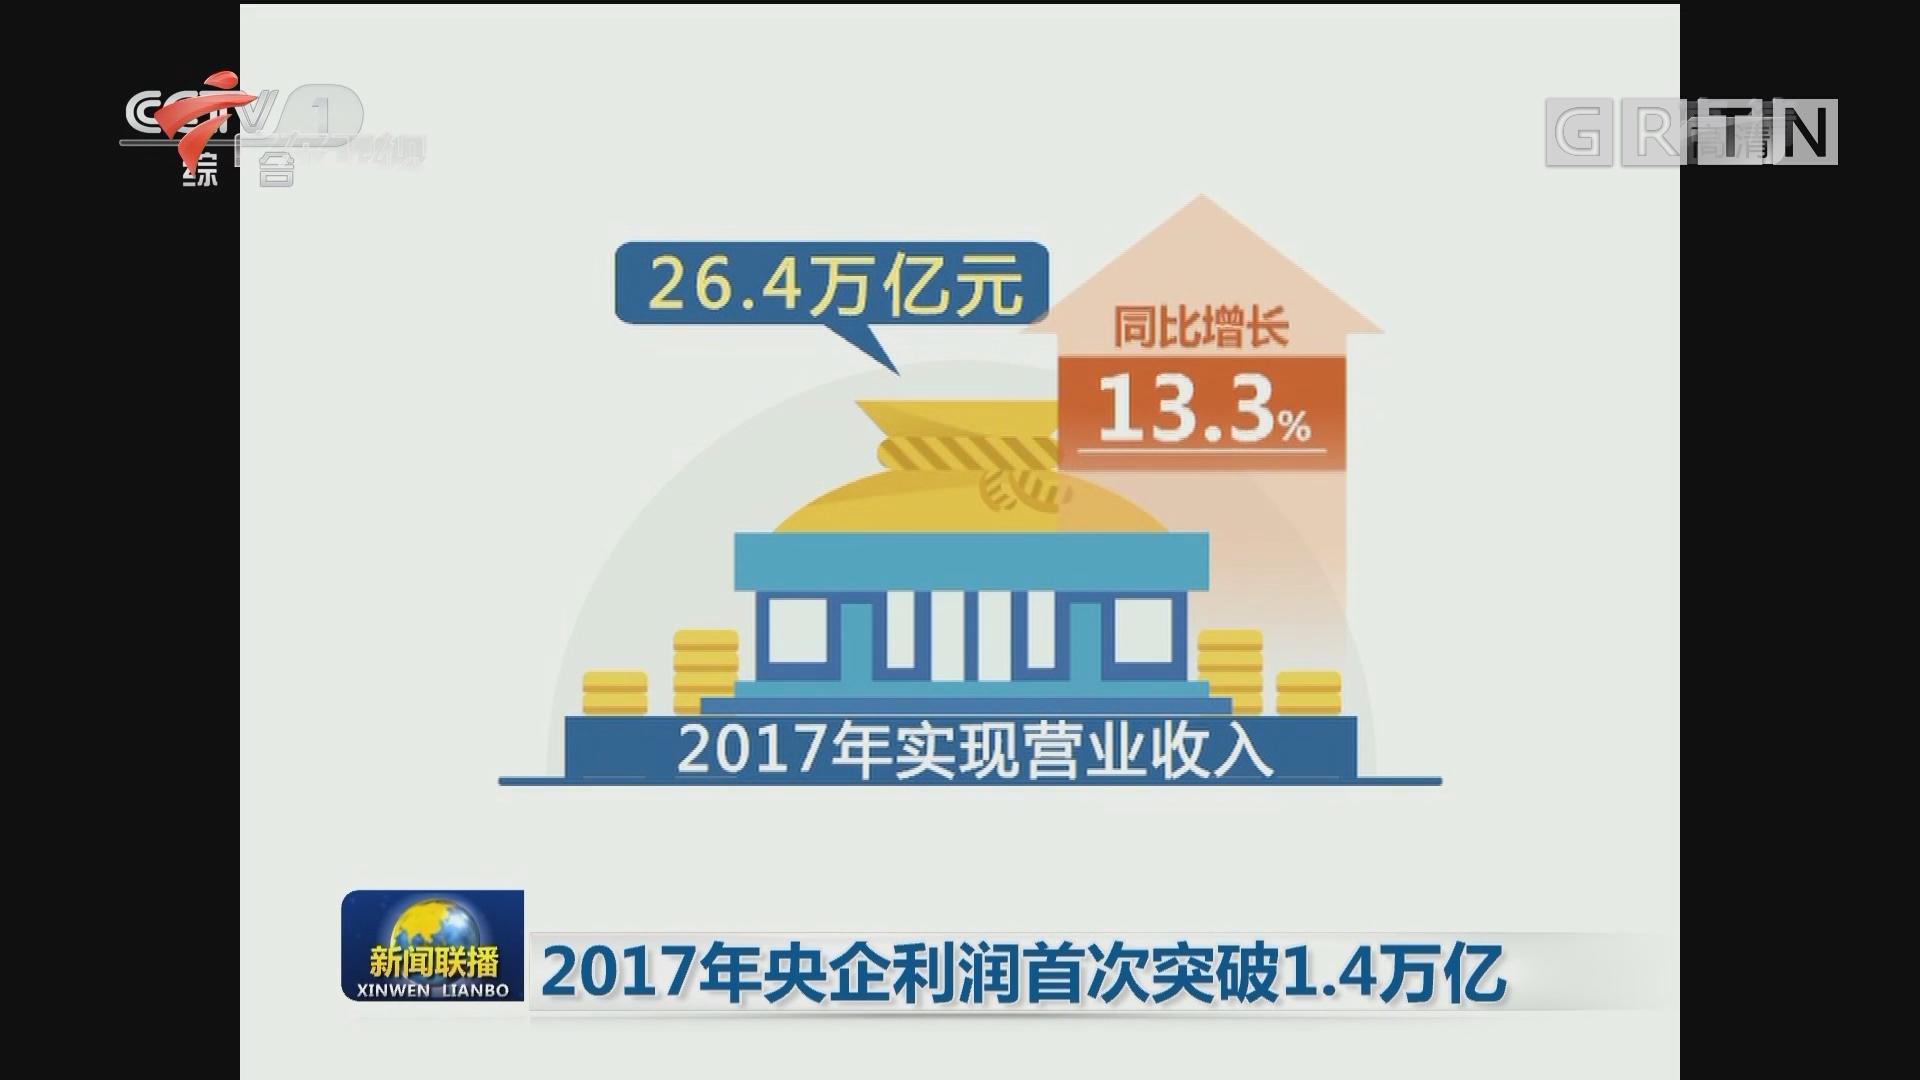 2017年央企利润首次突破1.4万亿